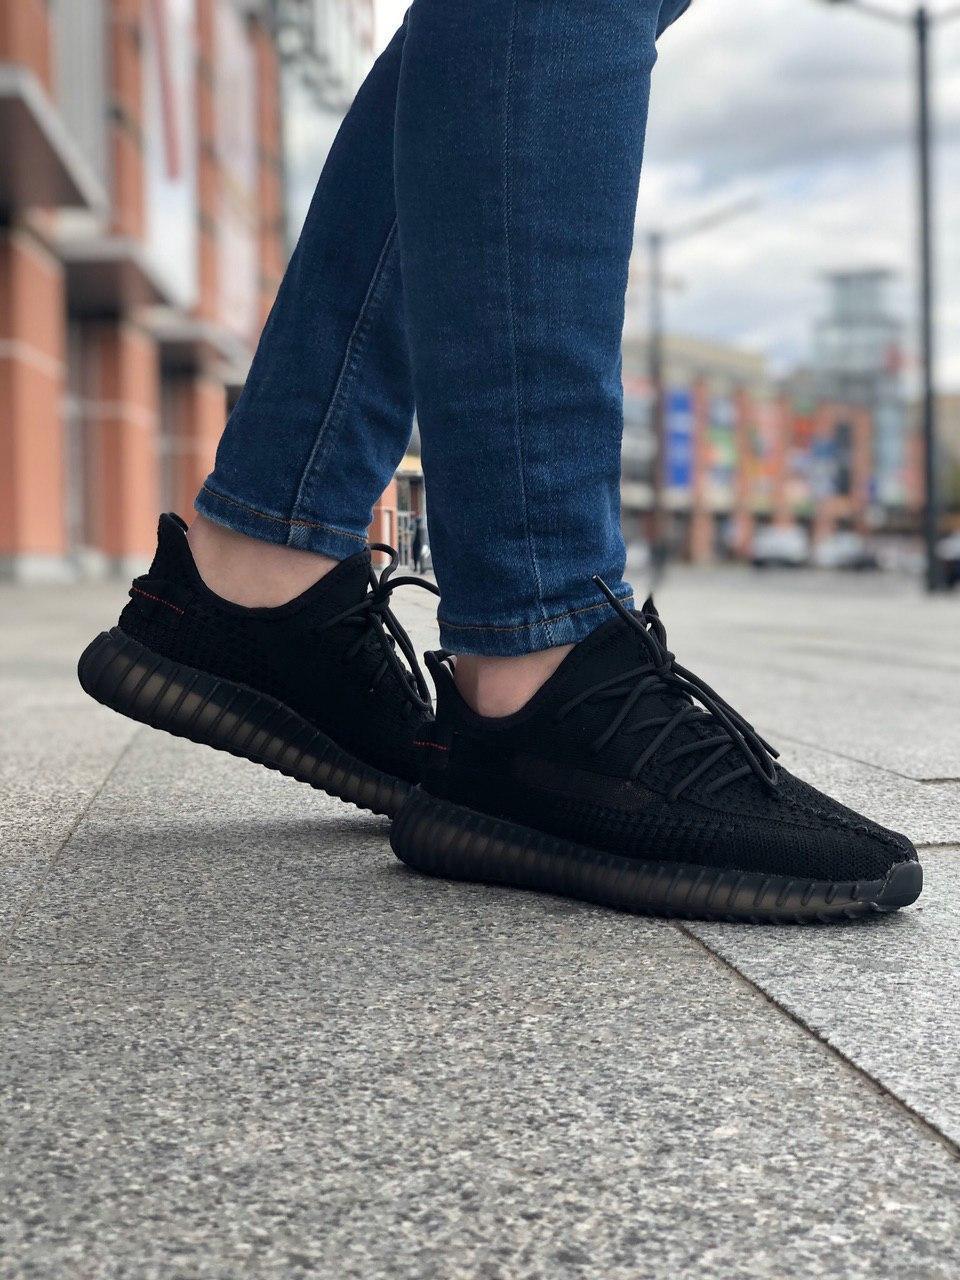 Стильные кроссовки Adidas Yeezy Boost 350 V2 Black (Адидас Изи Буст 350)